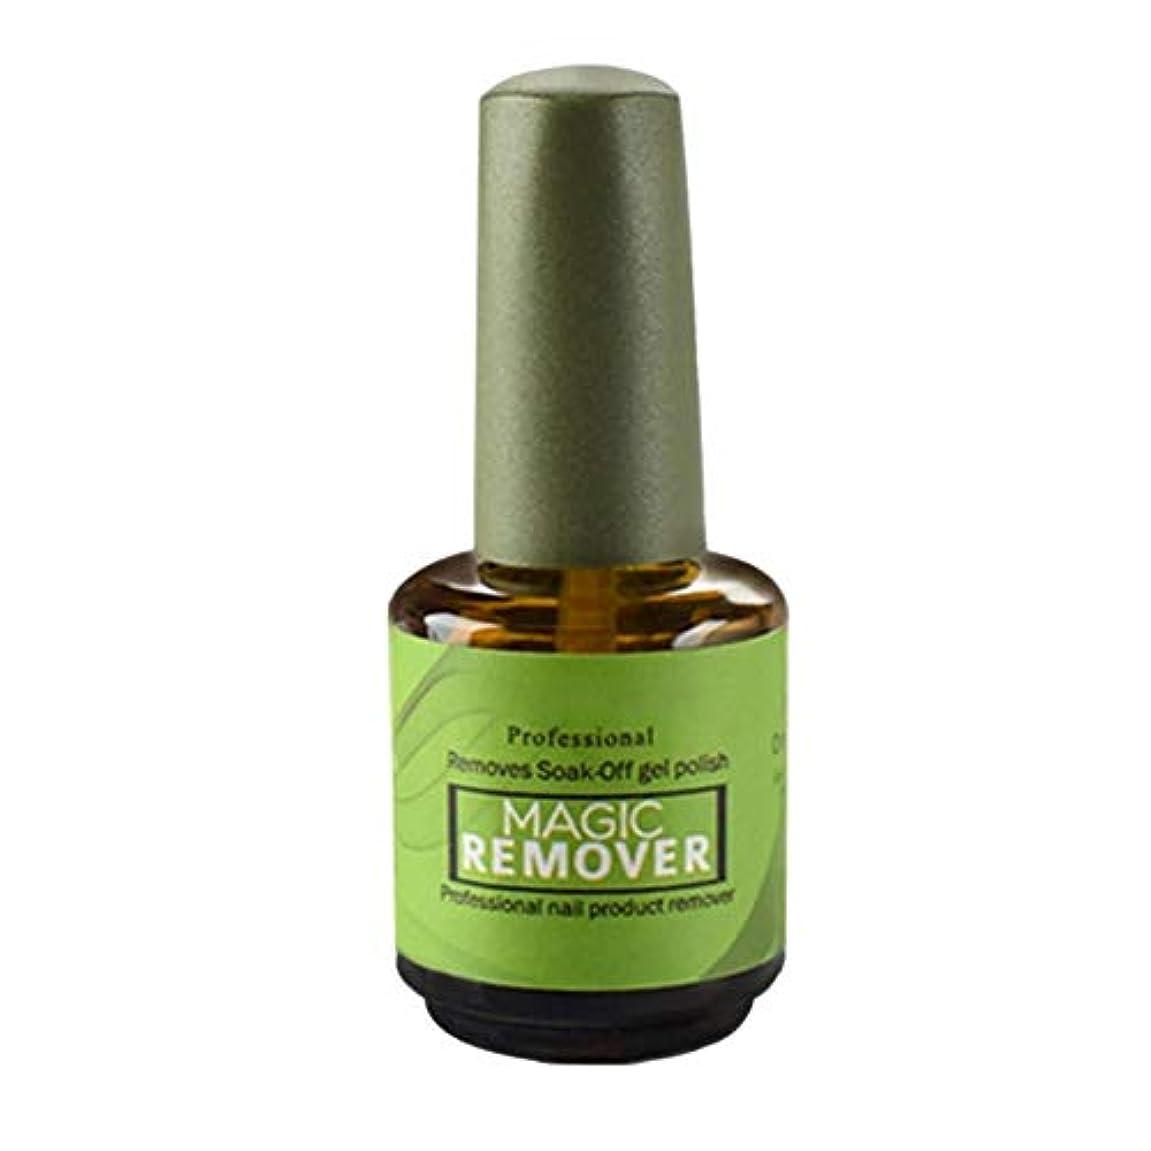 に付けるカビ怠Lambowo マジックリムーバーがネイルポリッシュを拭き取ると、ジェルプロフェッショナルバーストクリーン脱脂剤が除去されます